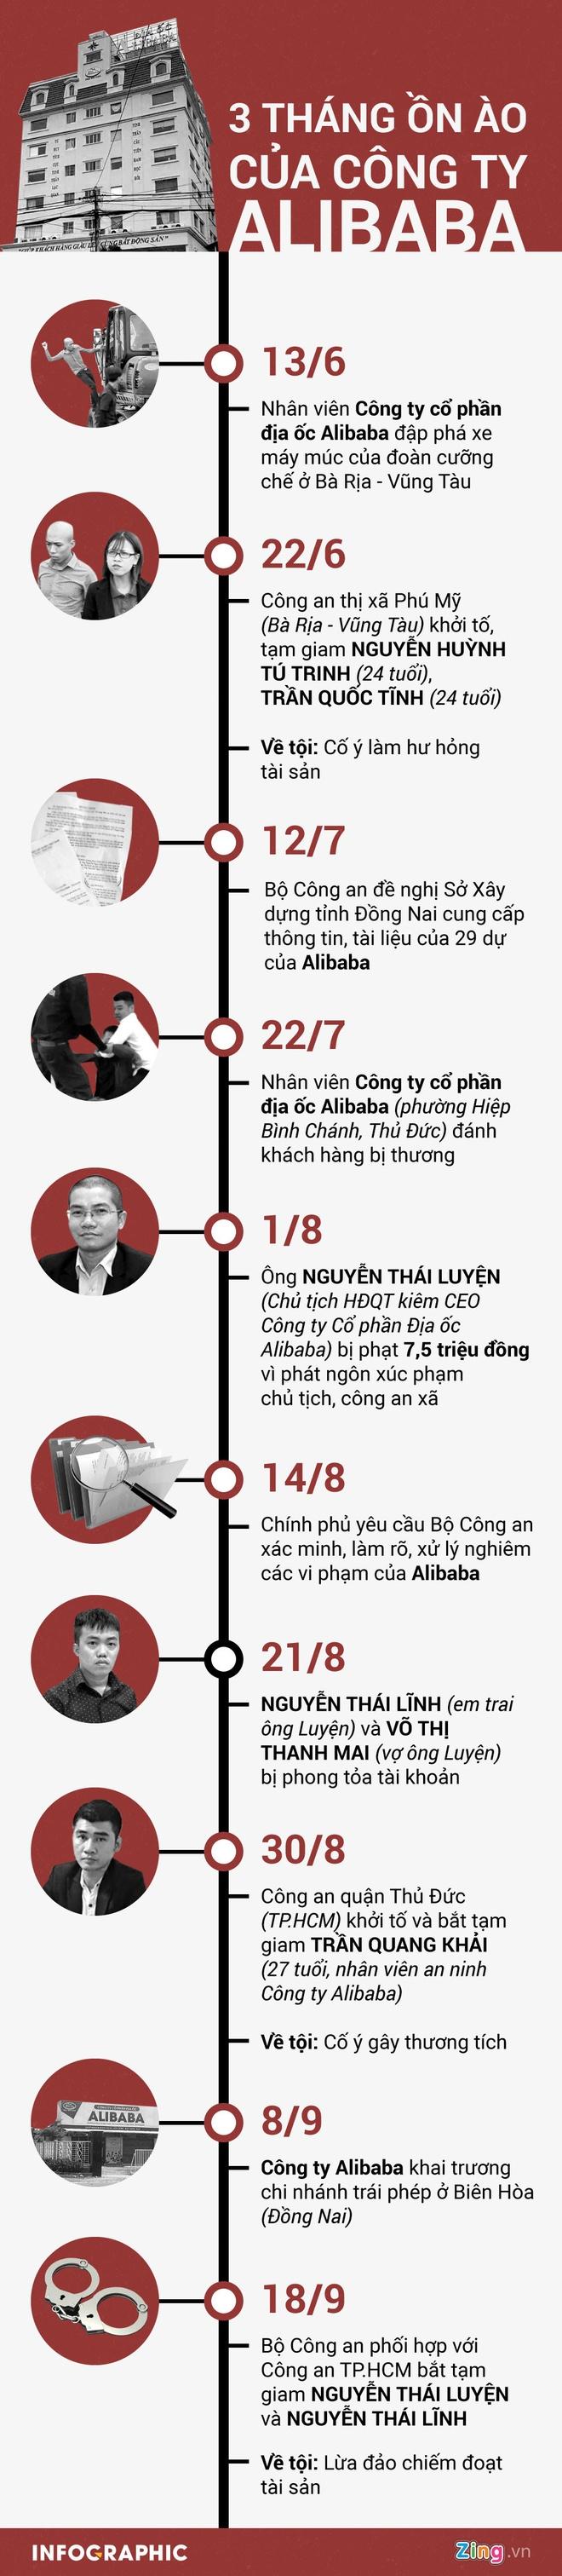 Chien Binh Thep lien quan gi den Cong ty Alibaba? hinh anh 3